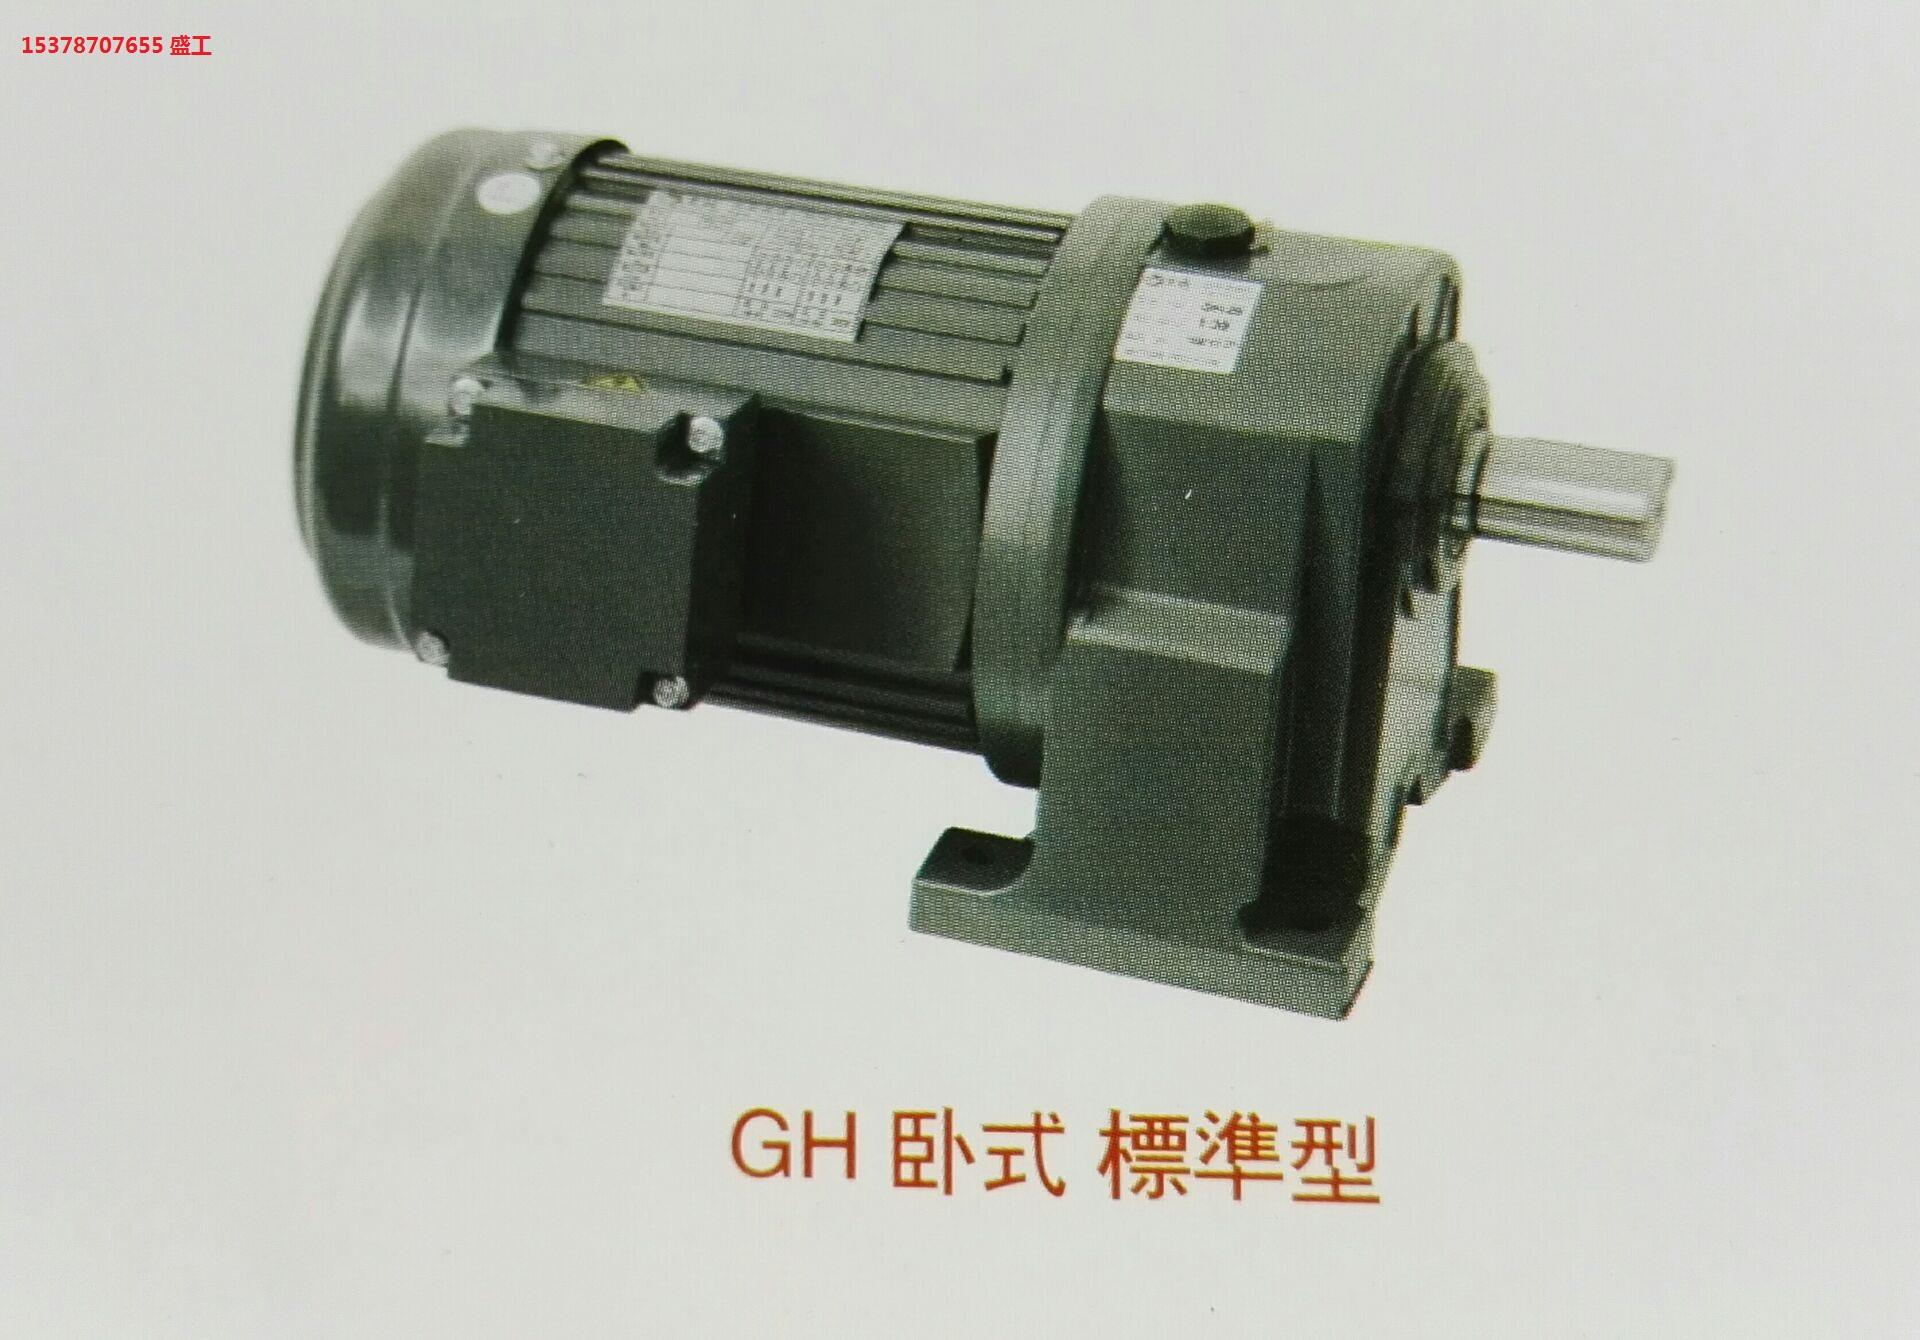 厂家直销 三相卧式齿轮减速机郑州迈传减速机信誉保证